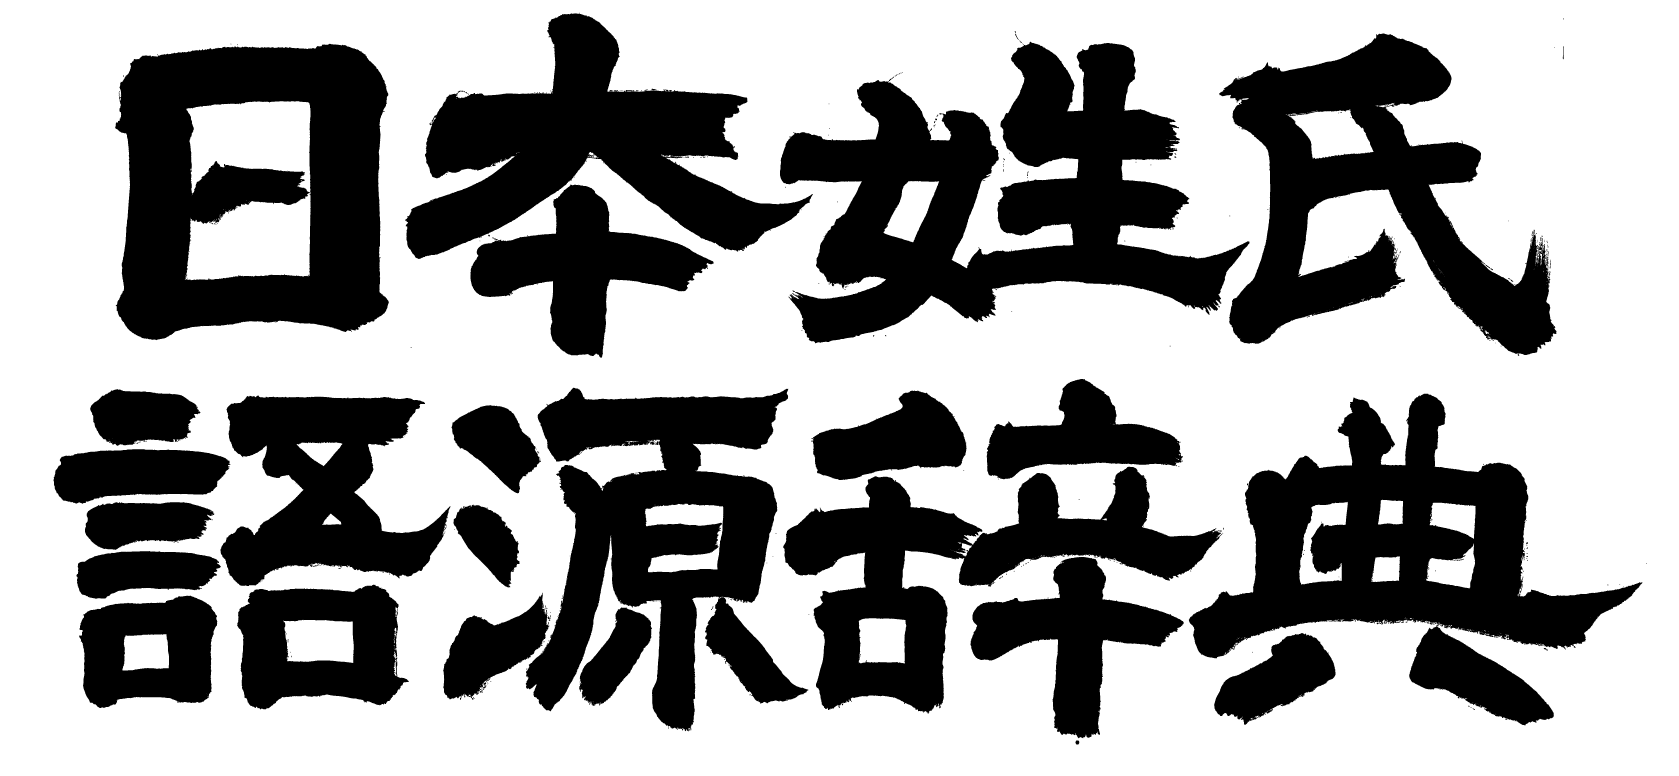 由来 苗字 呪術廻戦で実在する苗字の読み方や由来は?虎杖や禪院(ぜんいん)はいる?